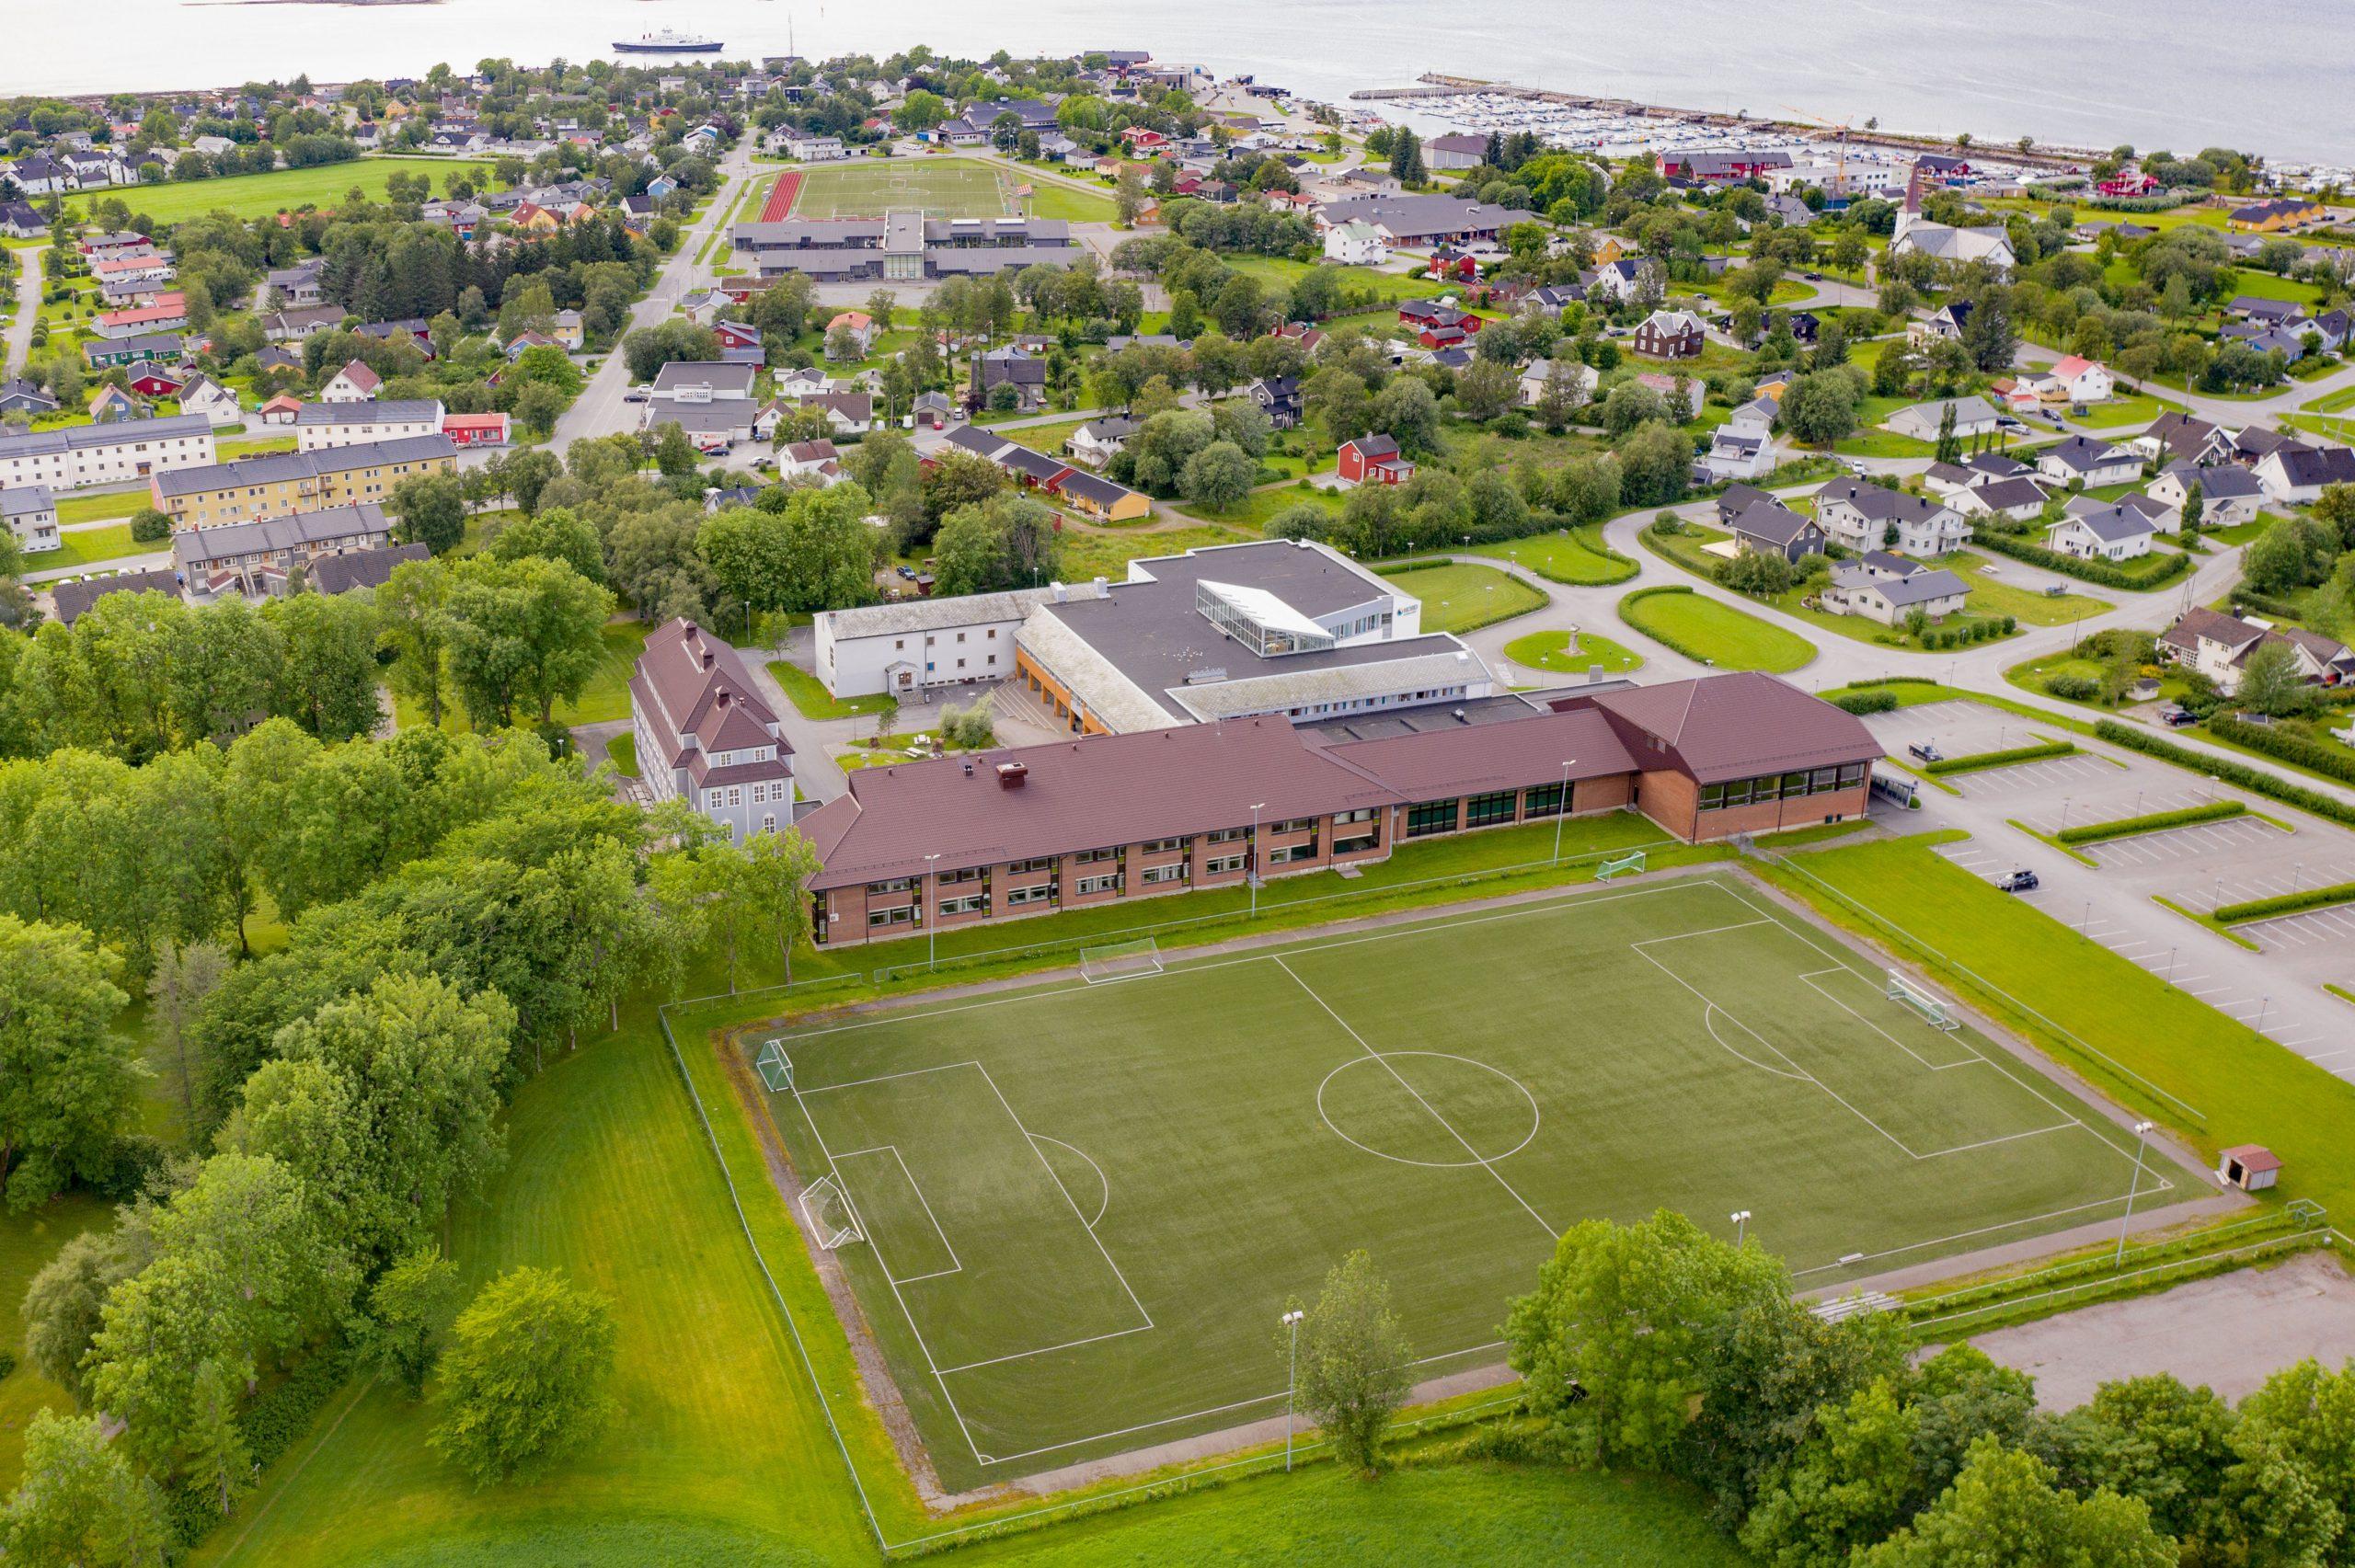 Nesna. Oversiktsbilde. Høgskolekomplekset med bygninger fra 1920, 1960, 1980 og 2000-tallet